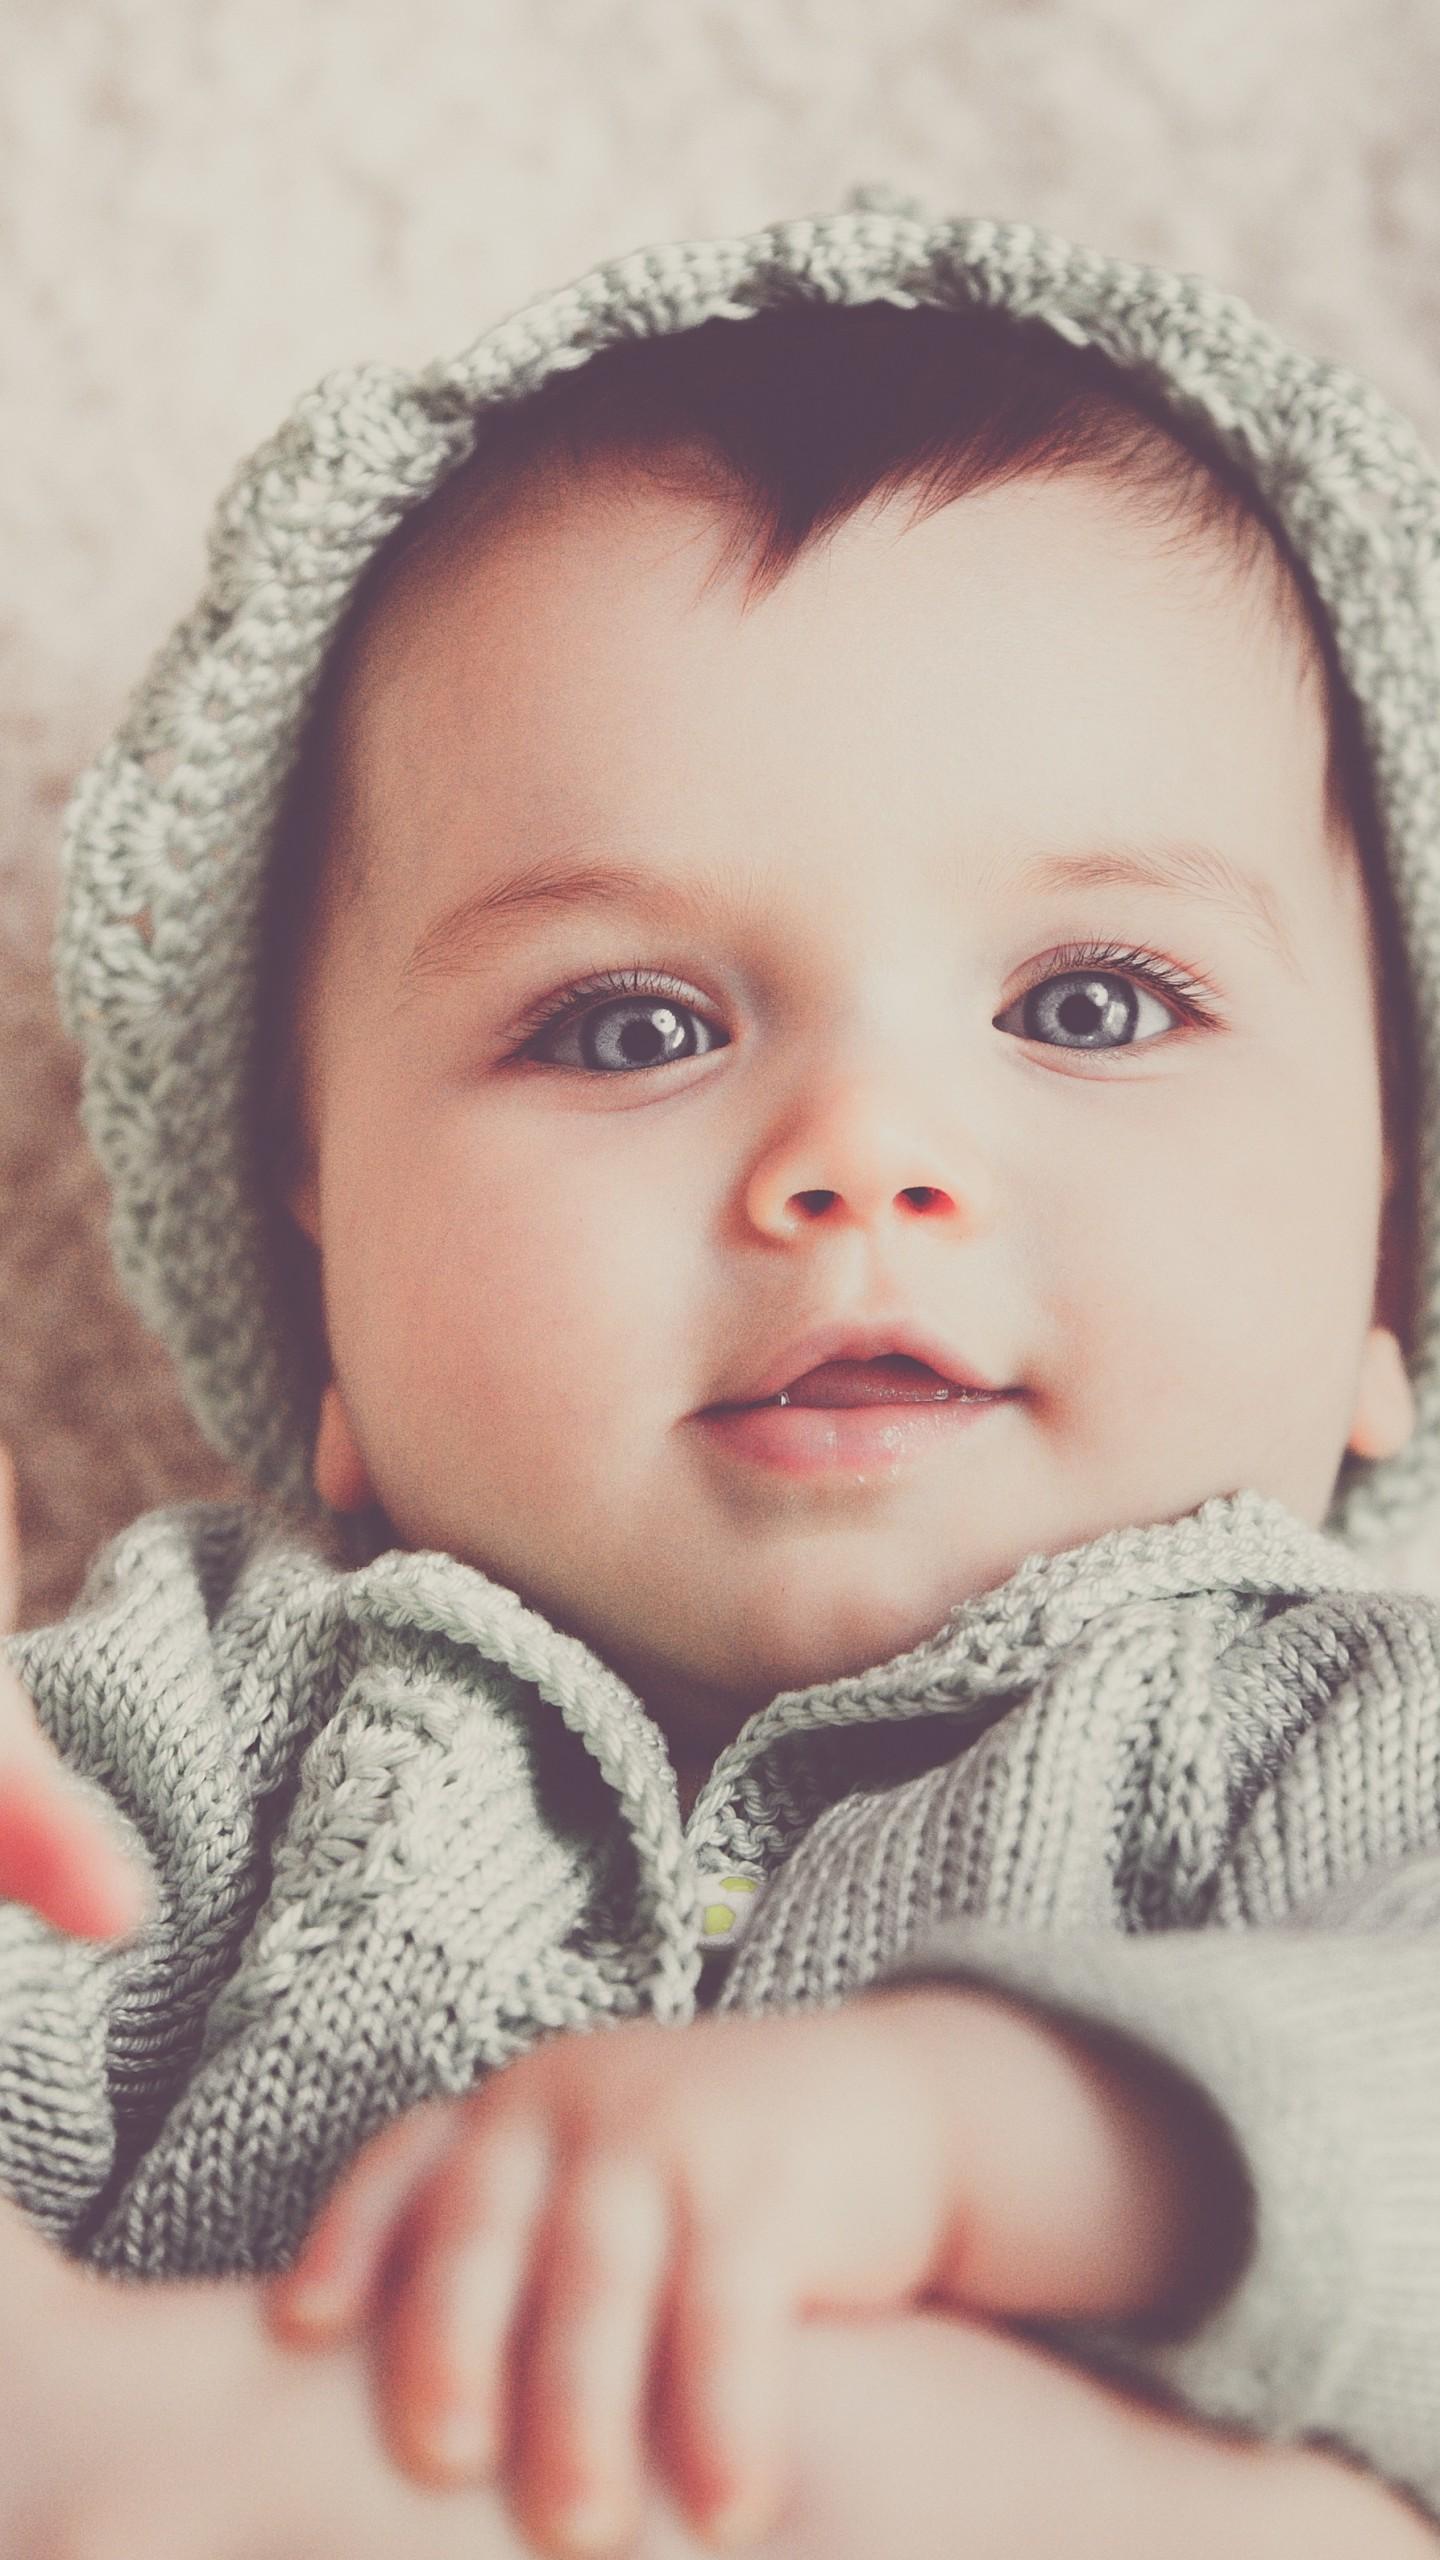 عکس زمینه پسر بچه نازخنده رو پس زمینه